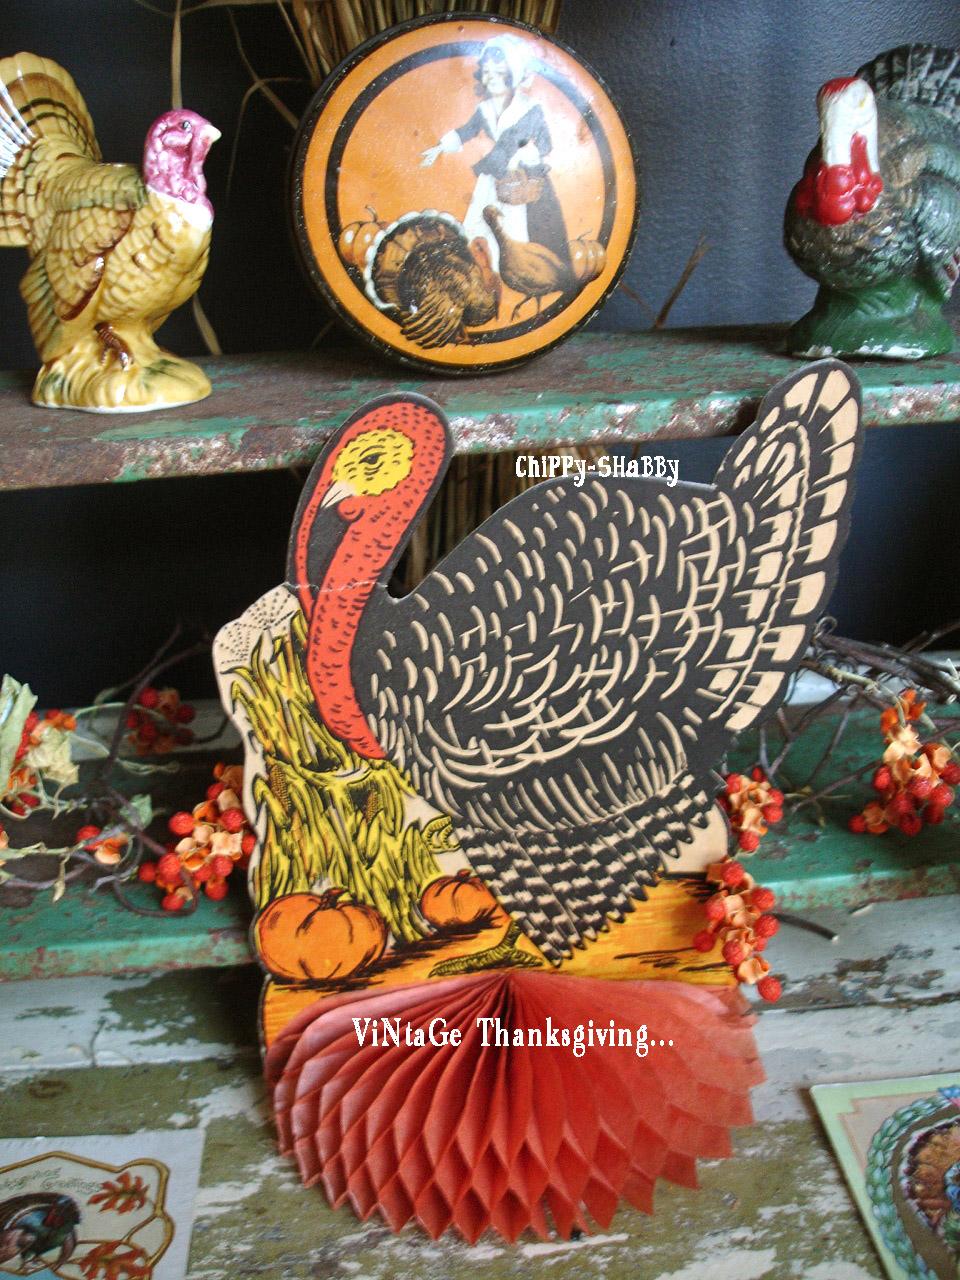 Chippy shabby vintage thanksgiving turkey vignette